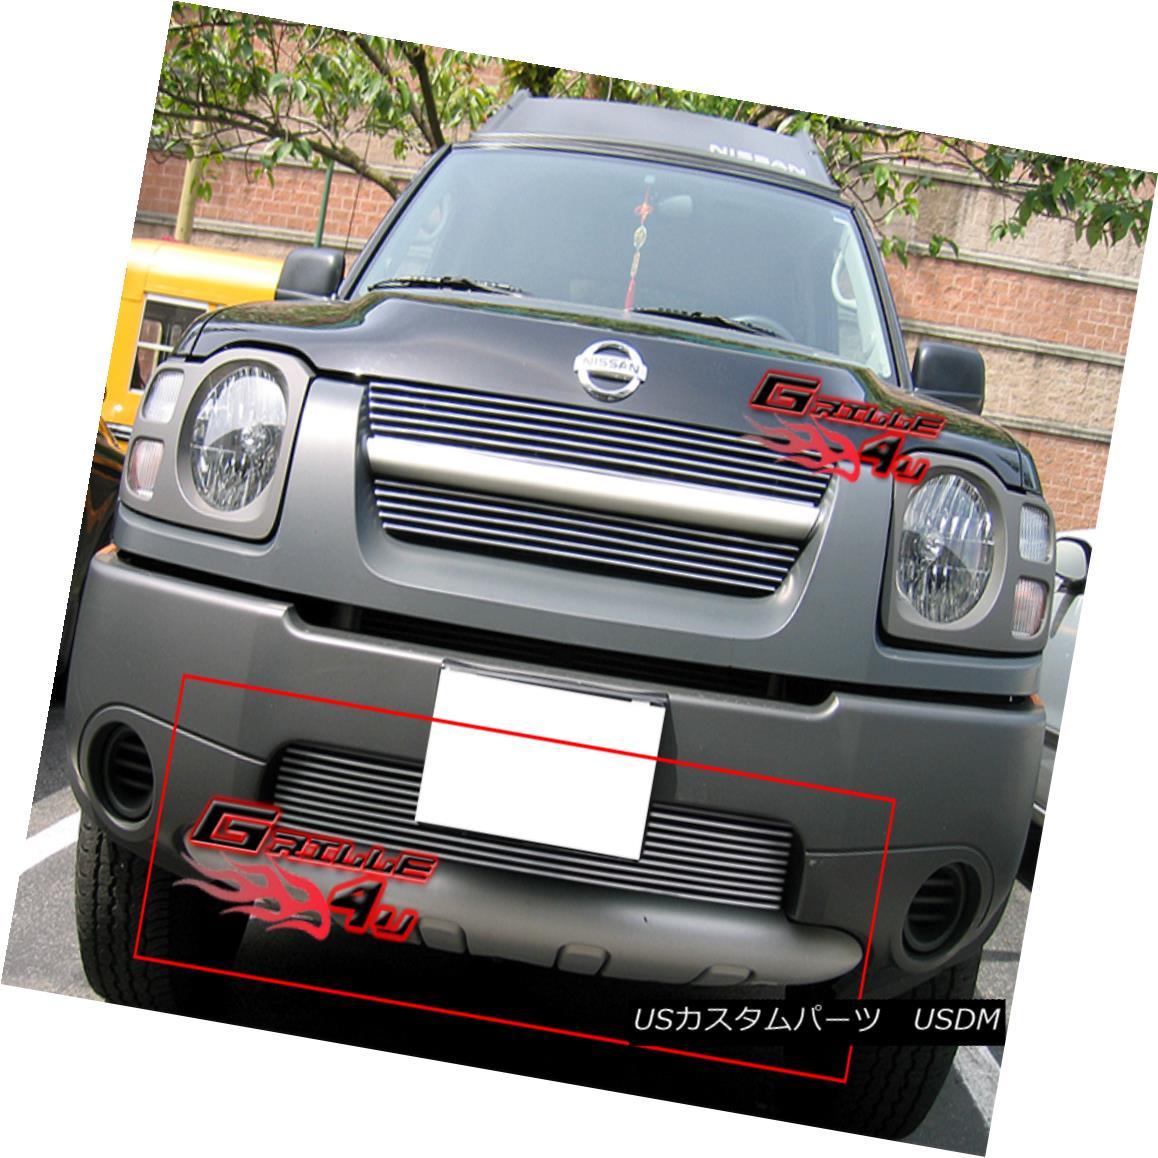 グリル Fits 2002-2004 Nissan Xterra Bumper Billet Grille Insert フィット2002-2004日産エクステラバンパービレットグリルインサート